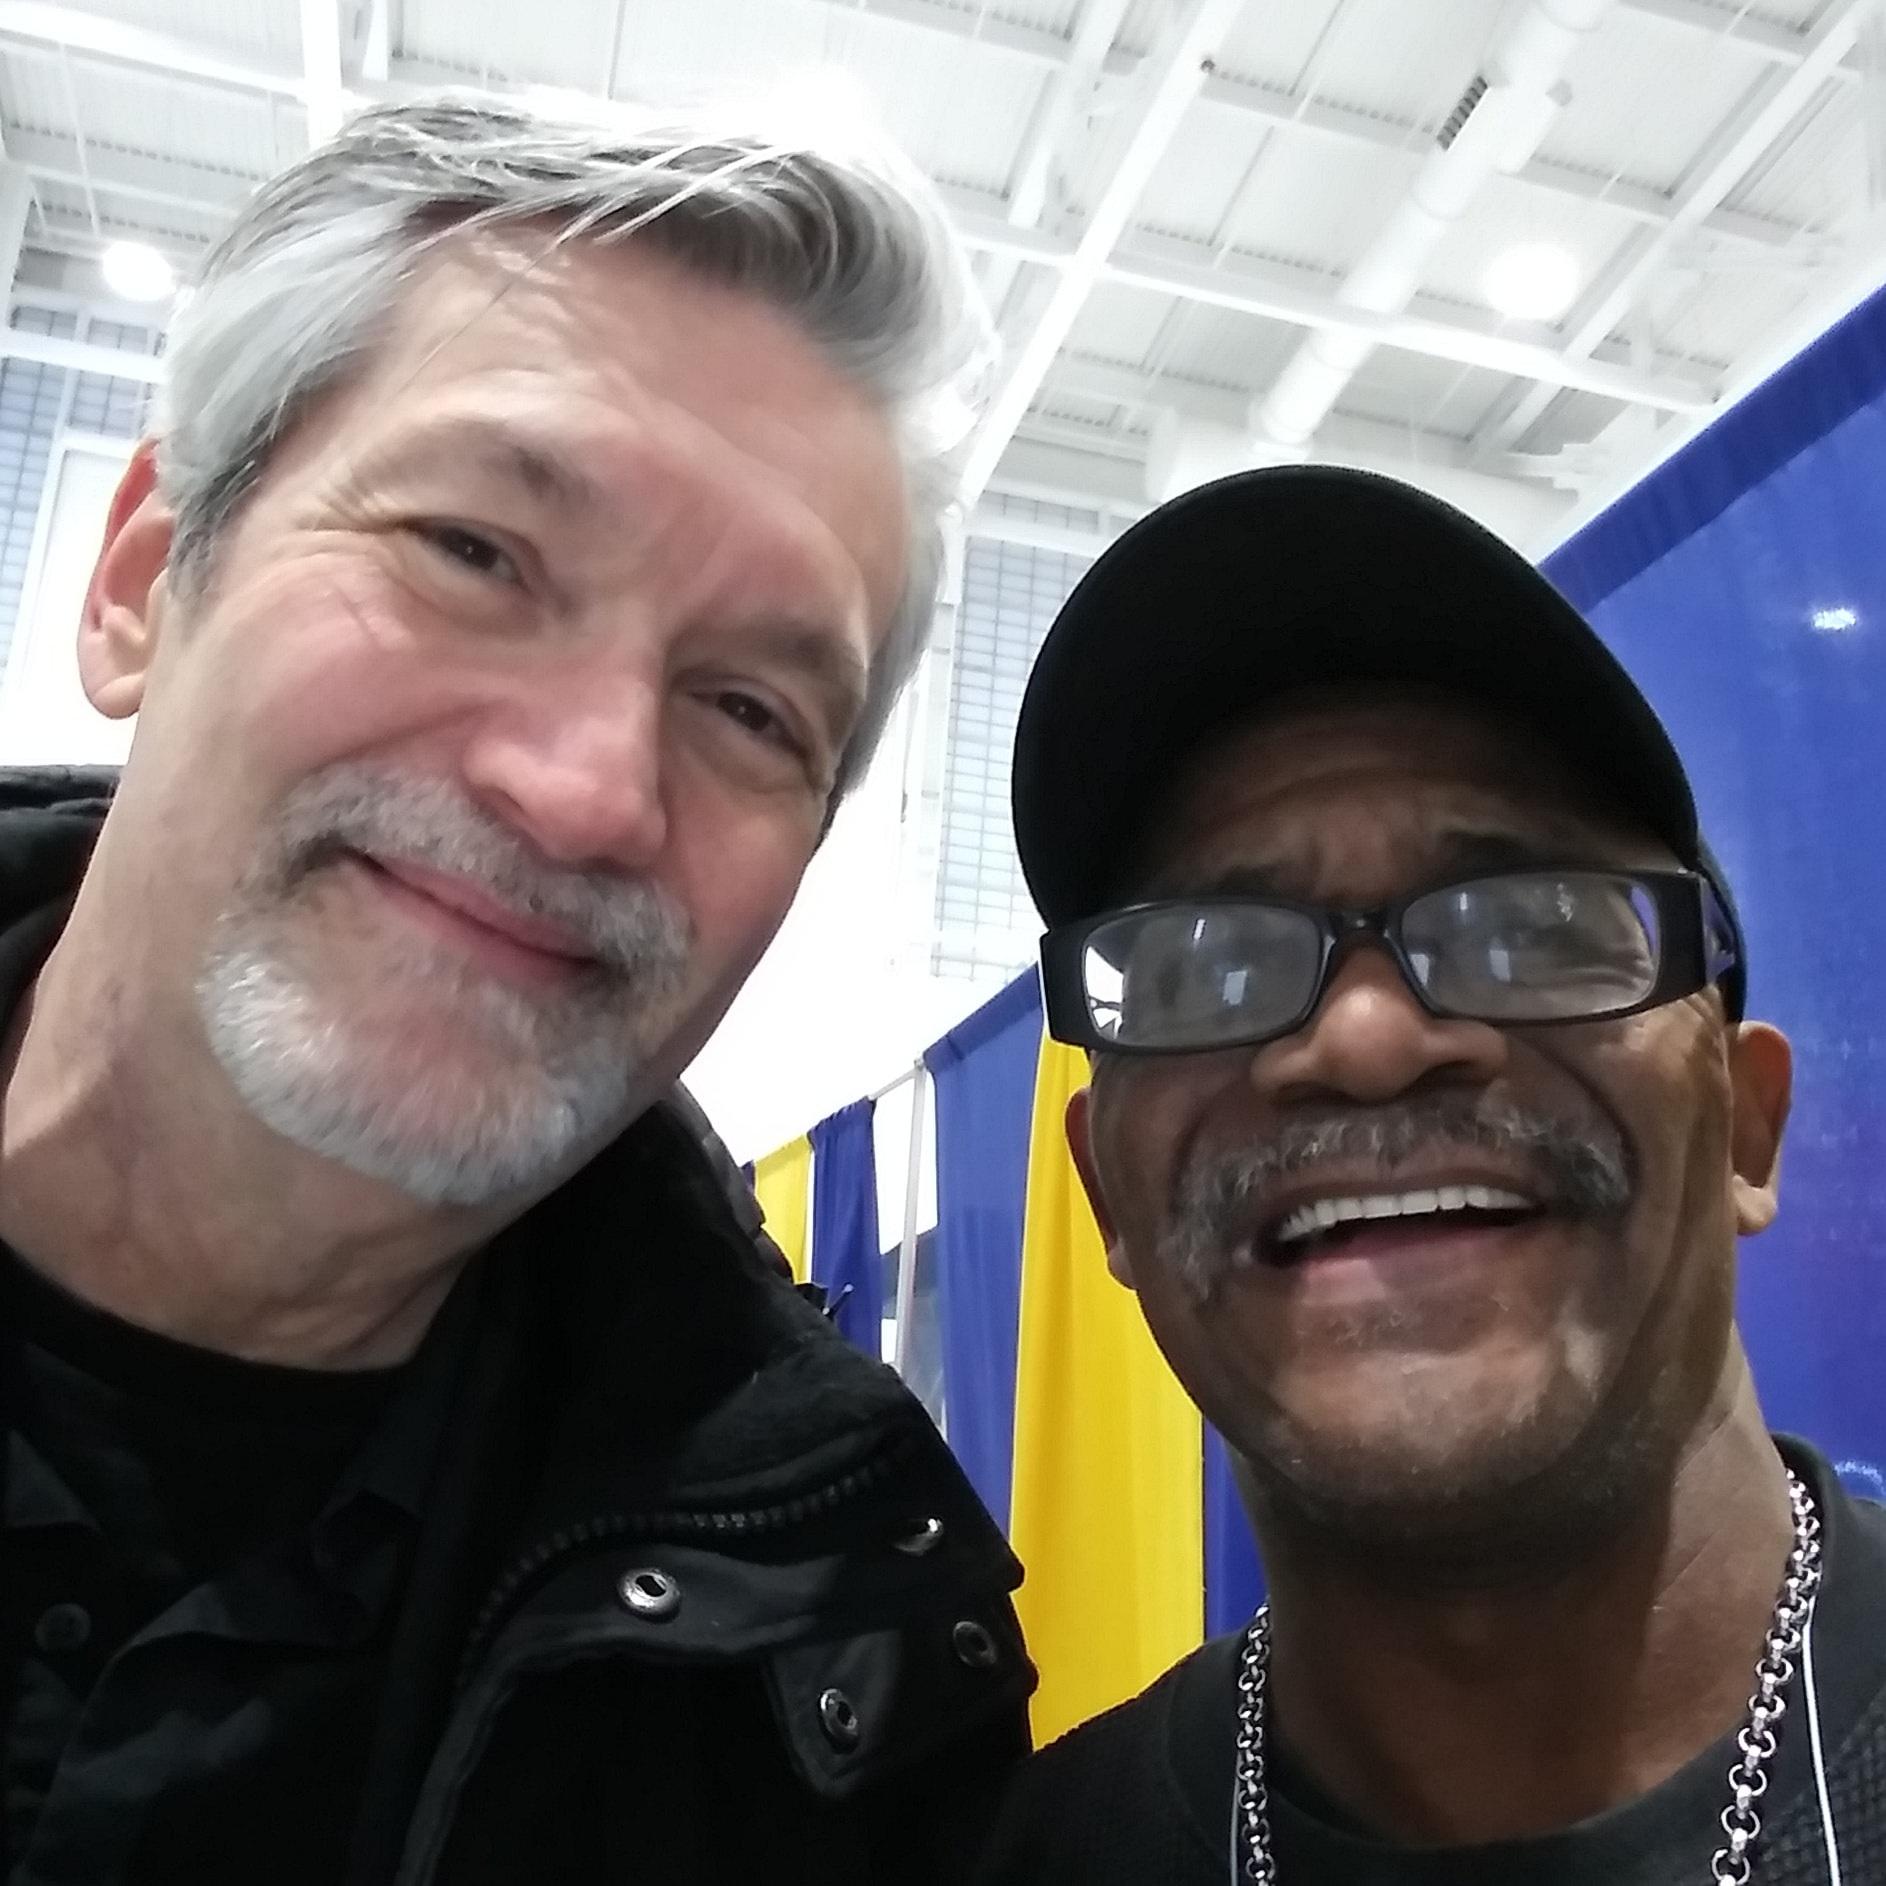 Todd Hobin with Eddie Wallstreet Brown of the Blacklites